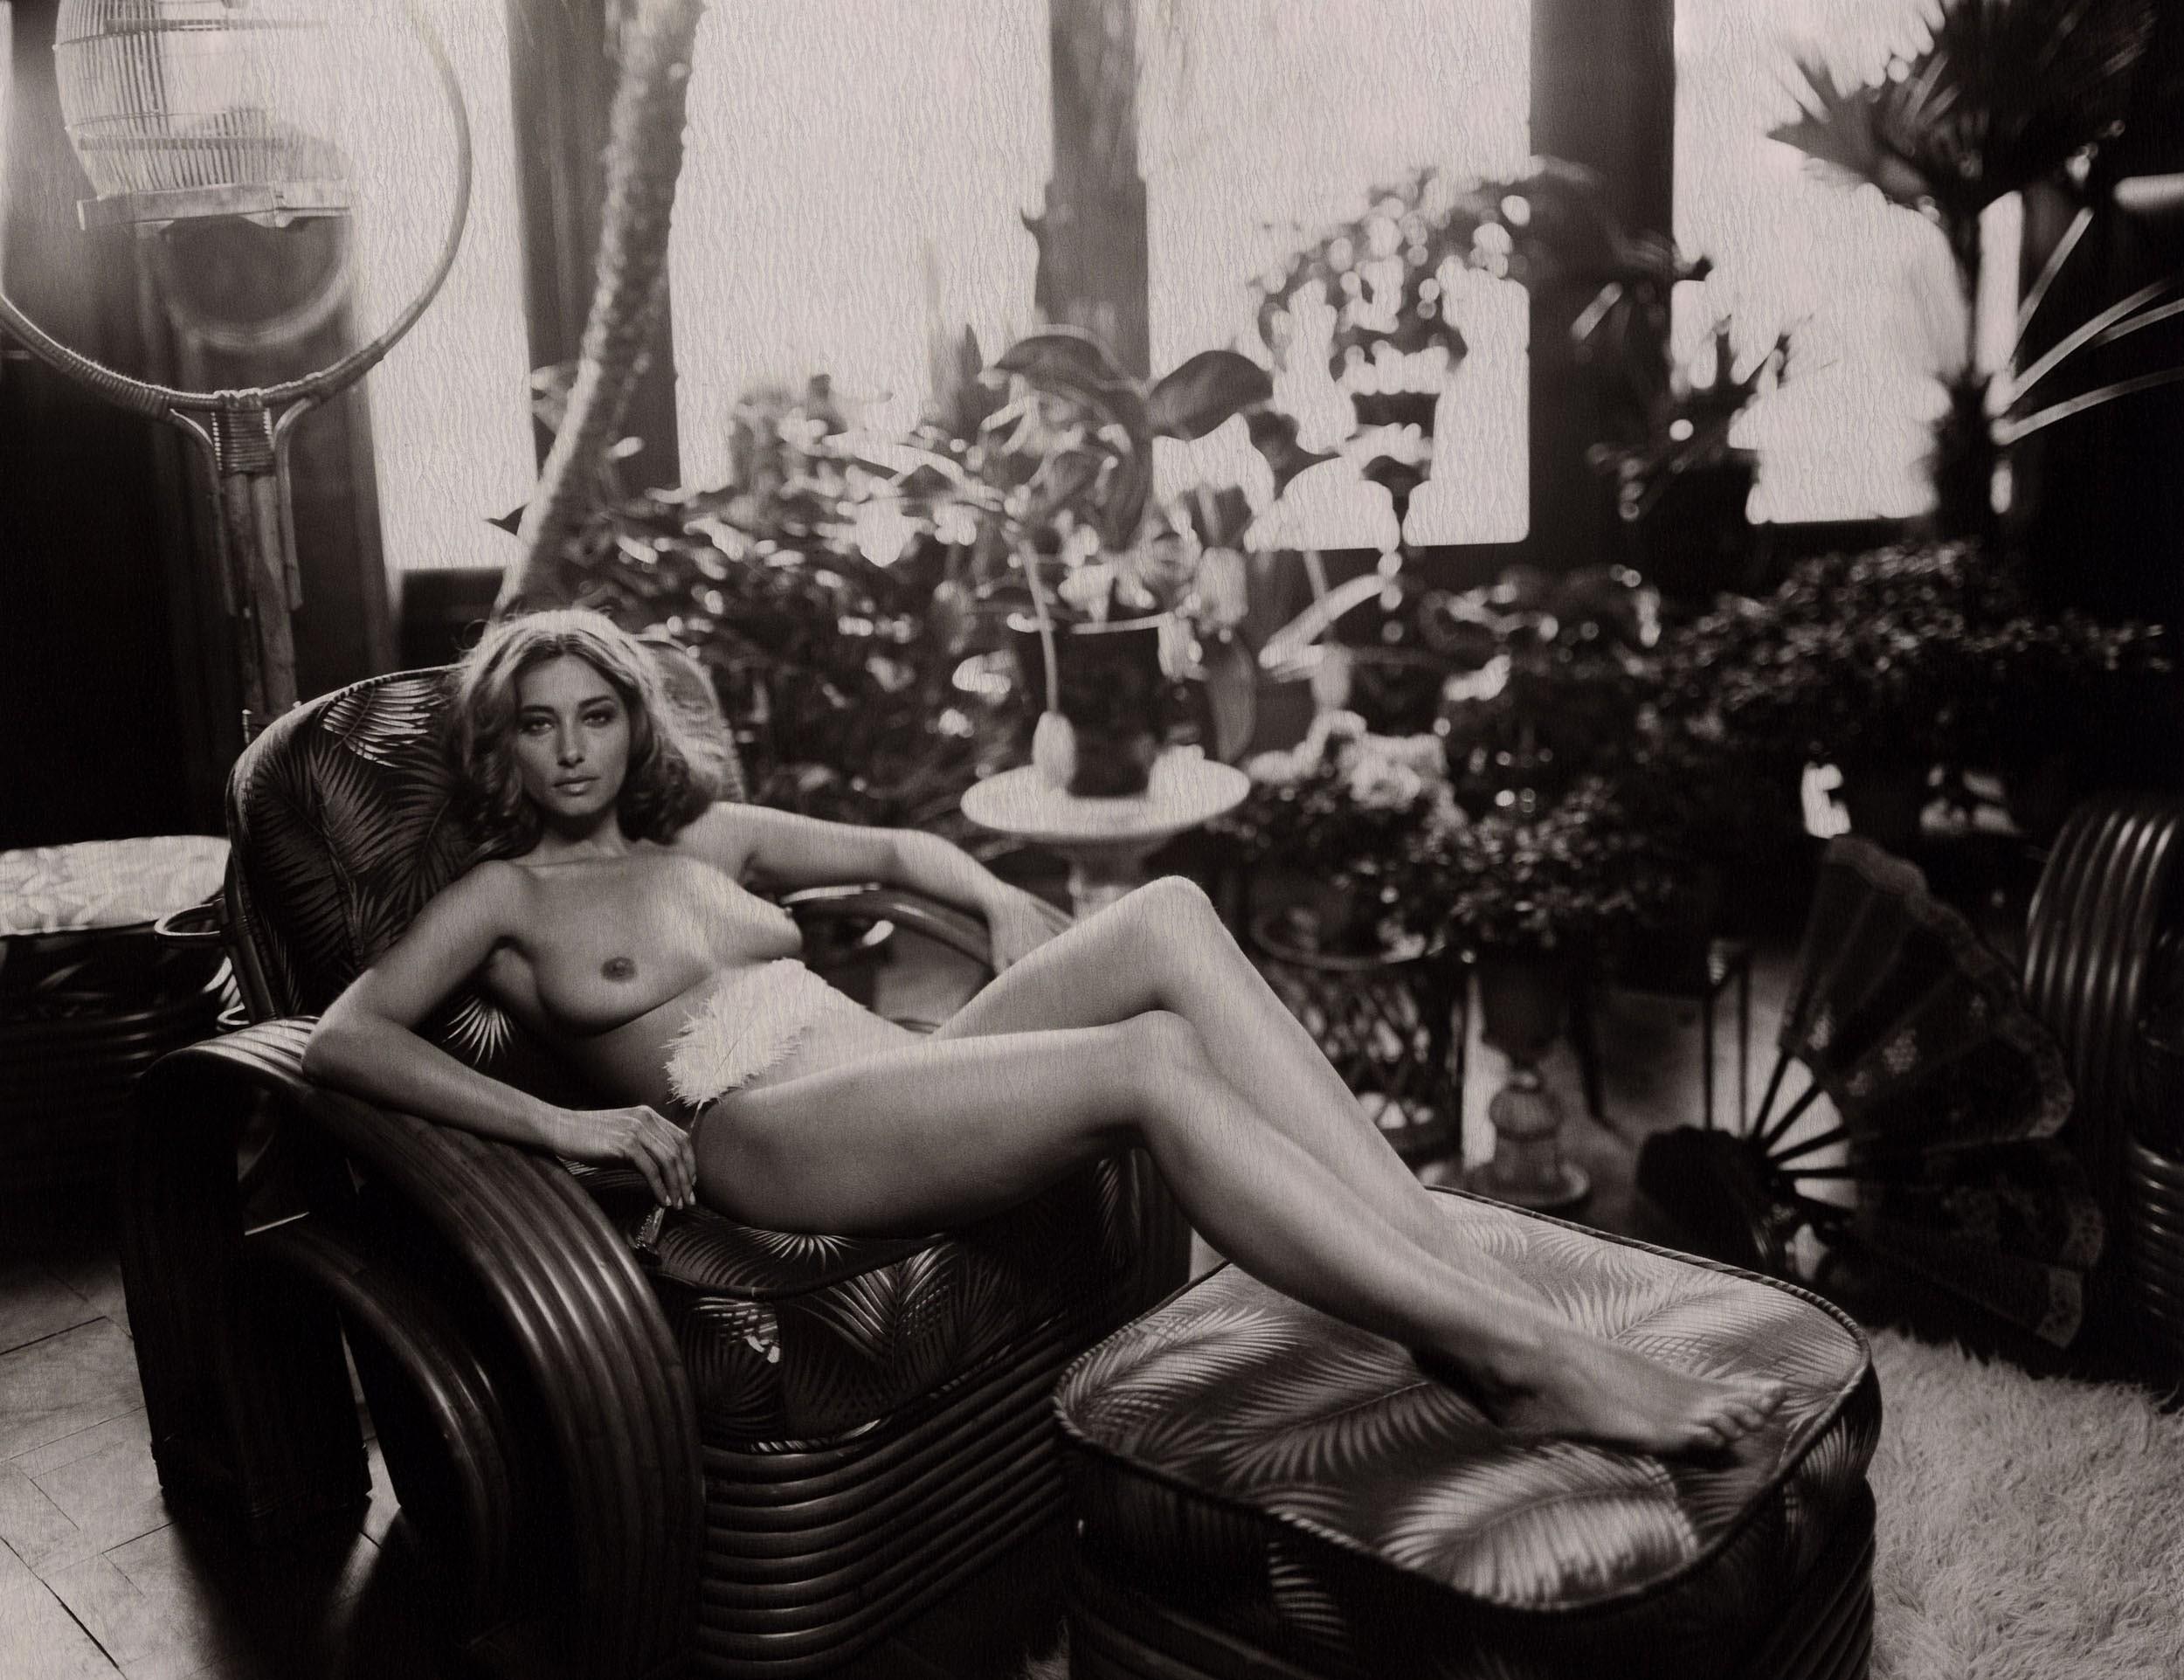 Ретро эротика художественное 5 фотография